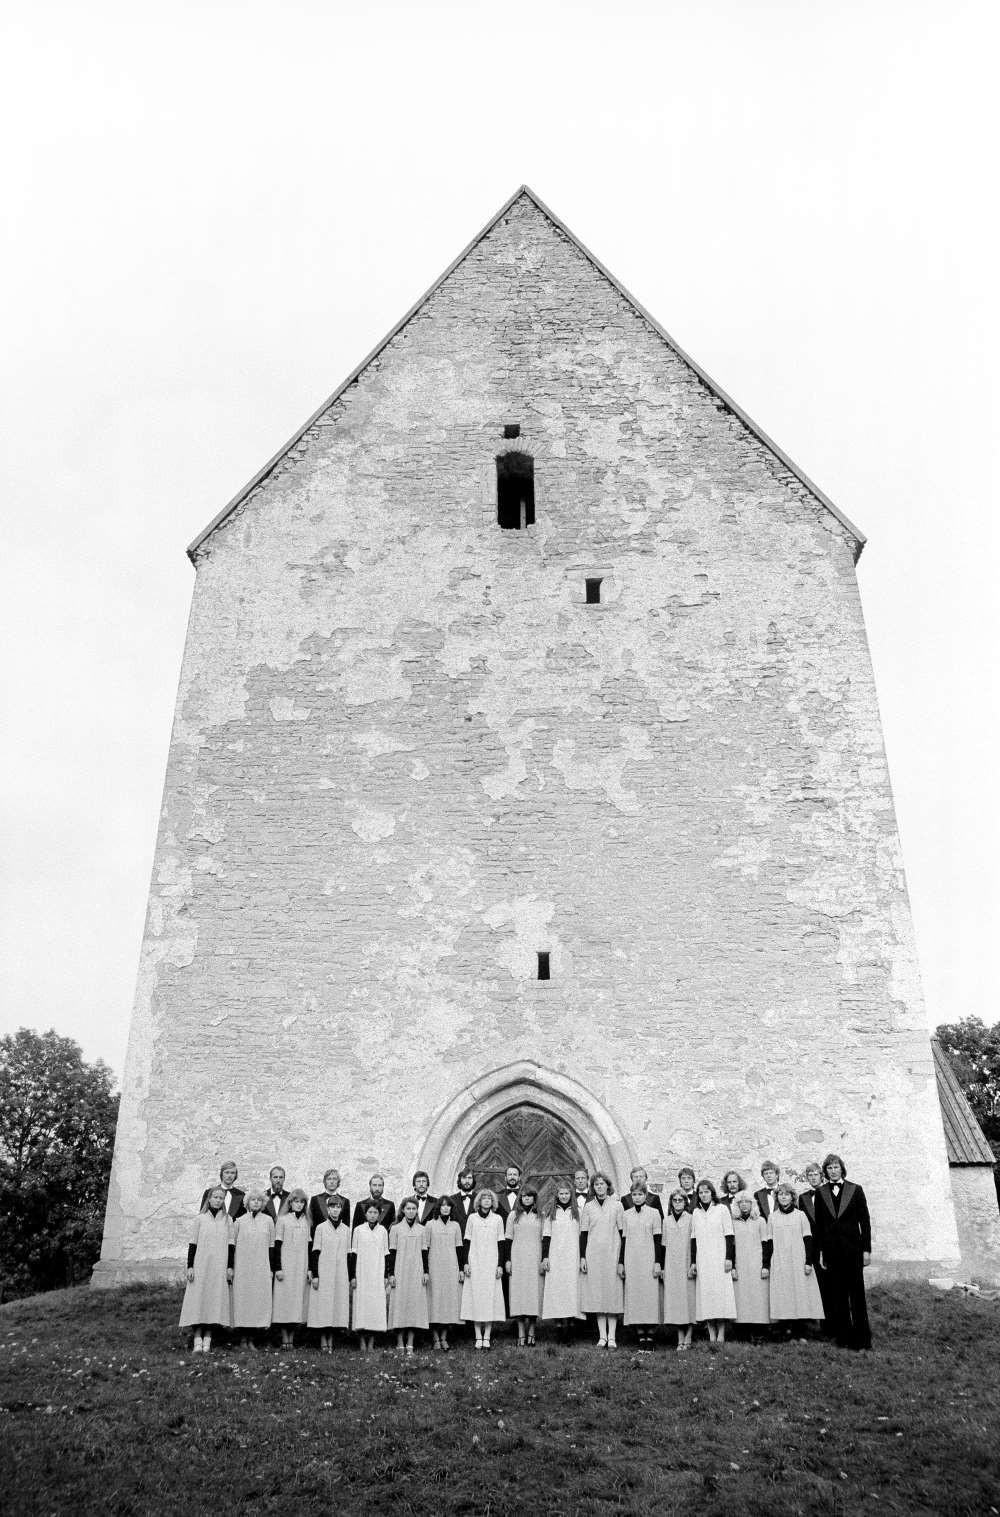 Vastsündinud Eesti Filharmoonia kammerkoor 1981. aastal Muhu kiriku ees. FOTO TÕNU TORMIS